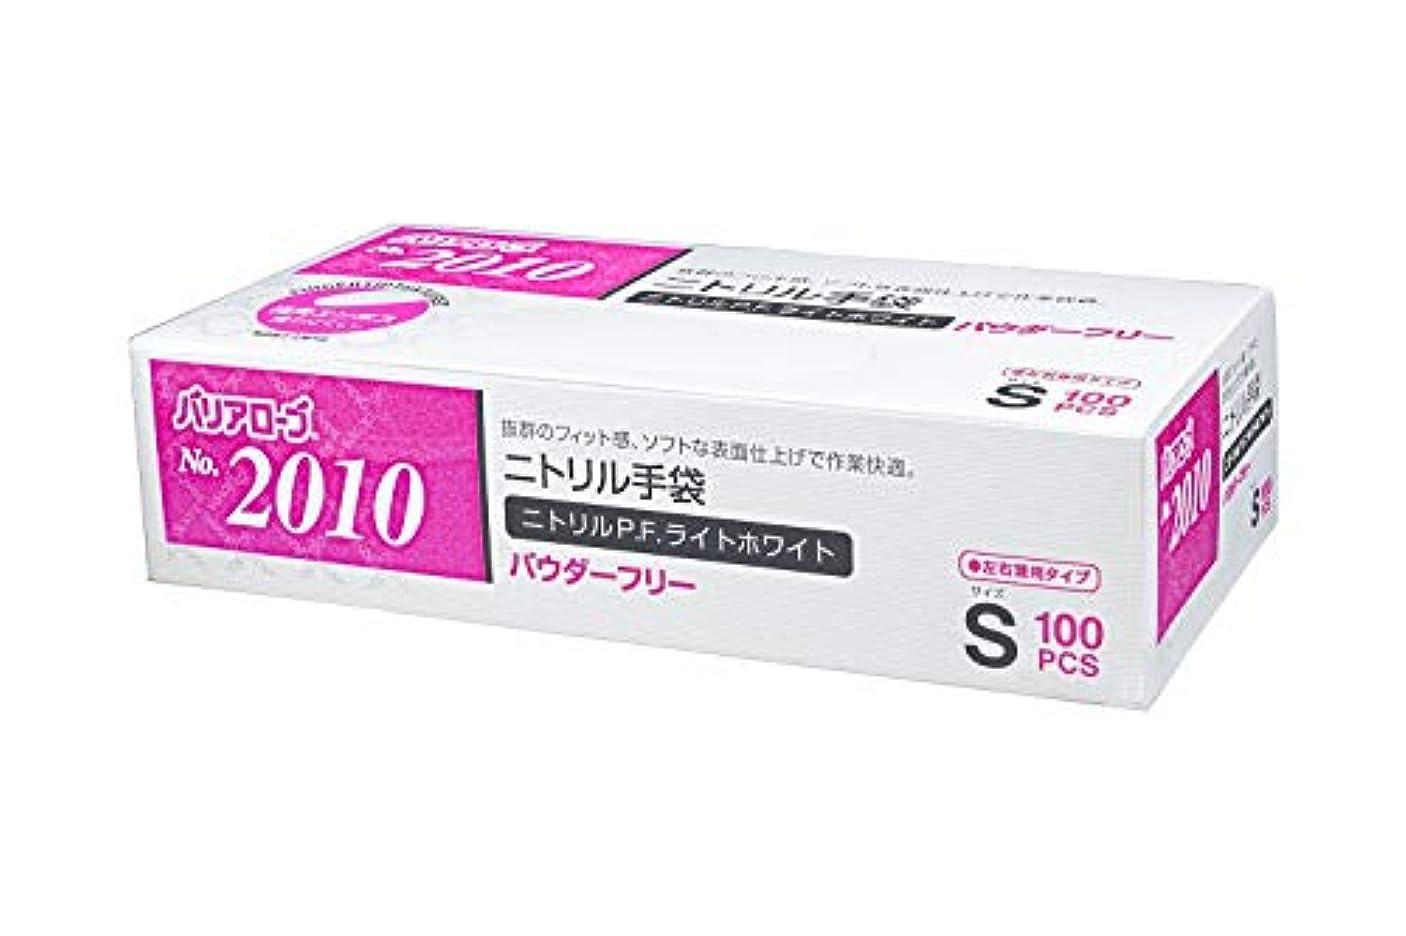 黙認する感じハンマー【ケース販売】 バリアローブ №2010 ニトリルP.F.ライト ホワイト (パウダーフリー) S 2000枚(100枚×20箱)